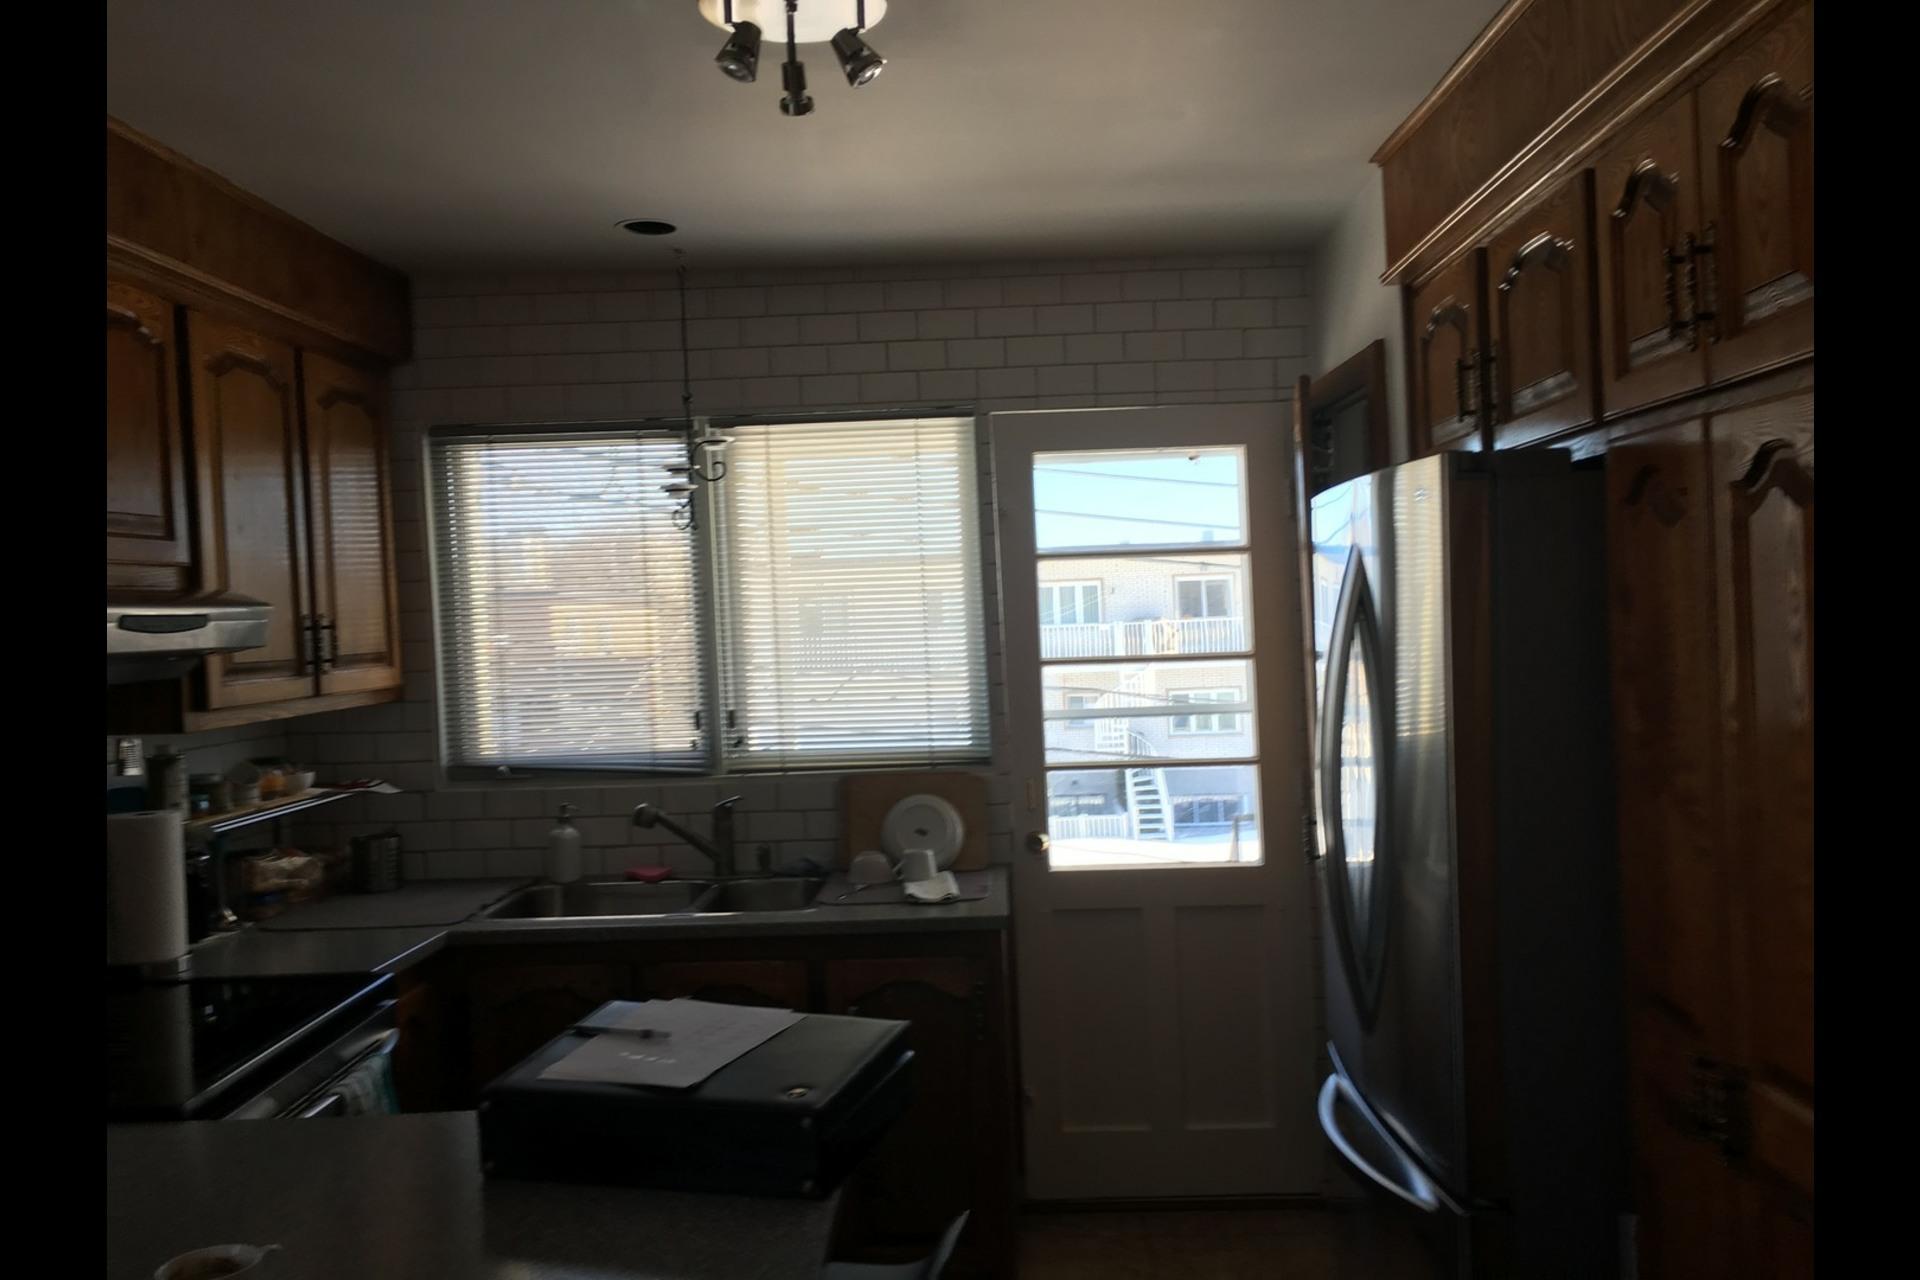 image 10 - Appartement À louer Montréal Saint-Leonard - 5 pièces